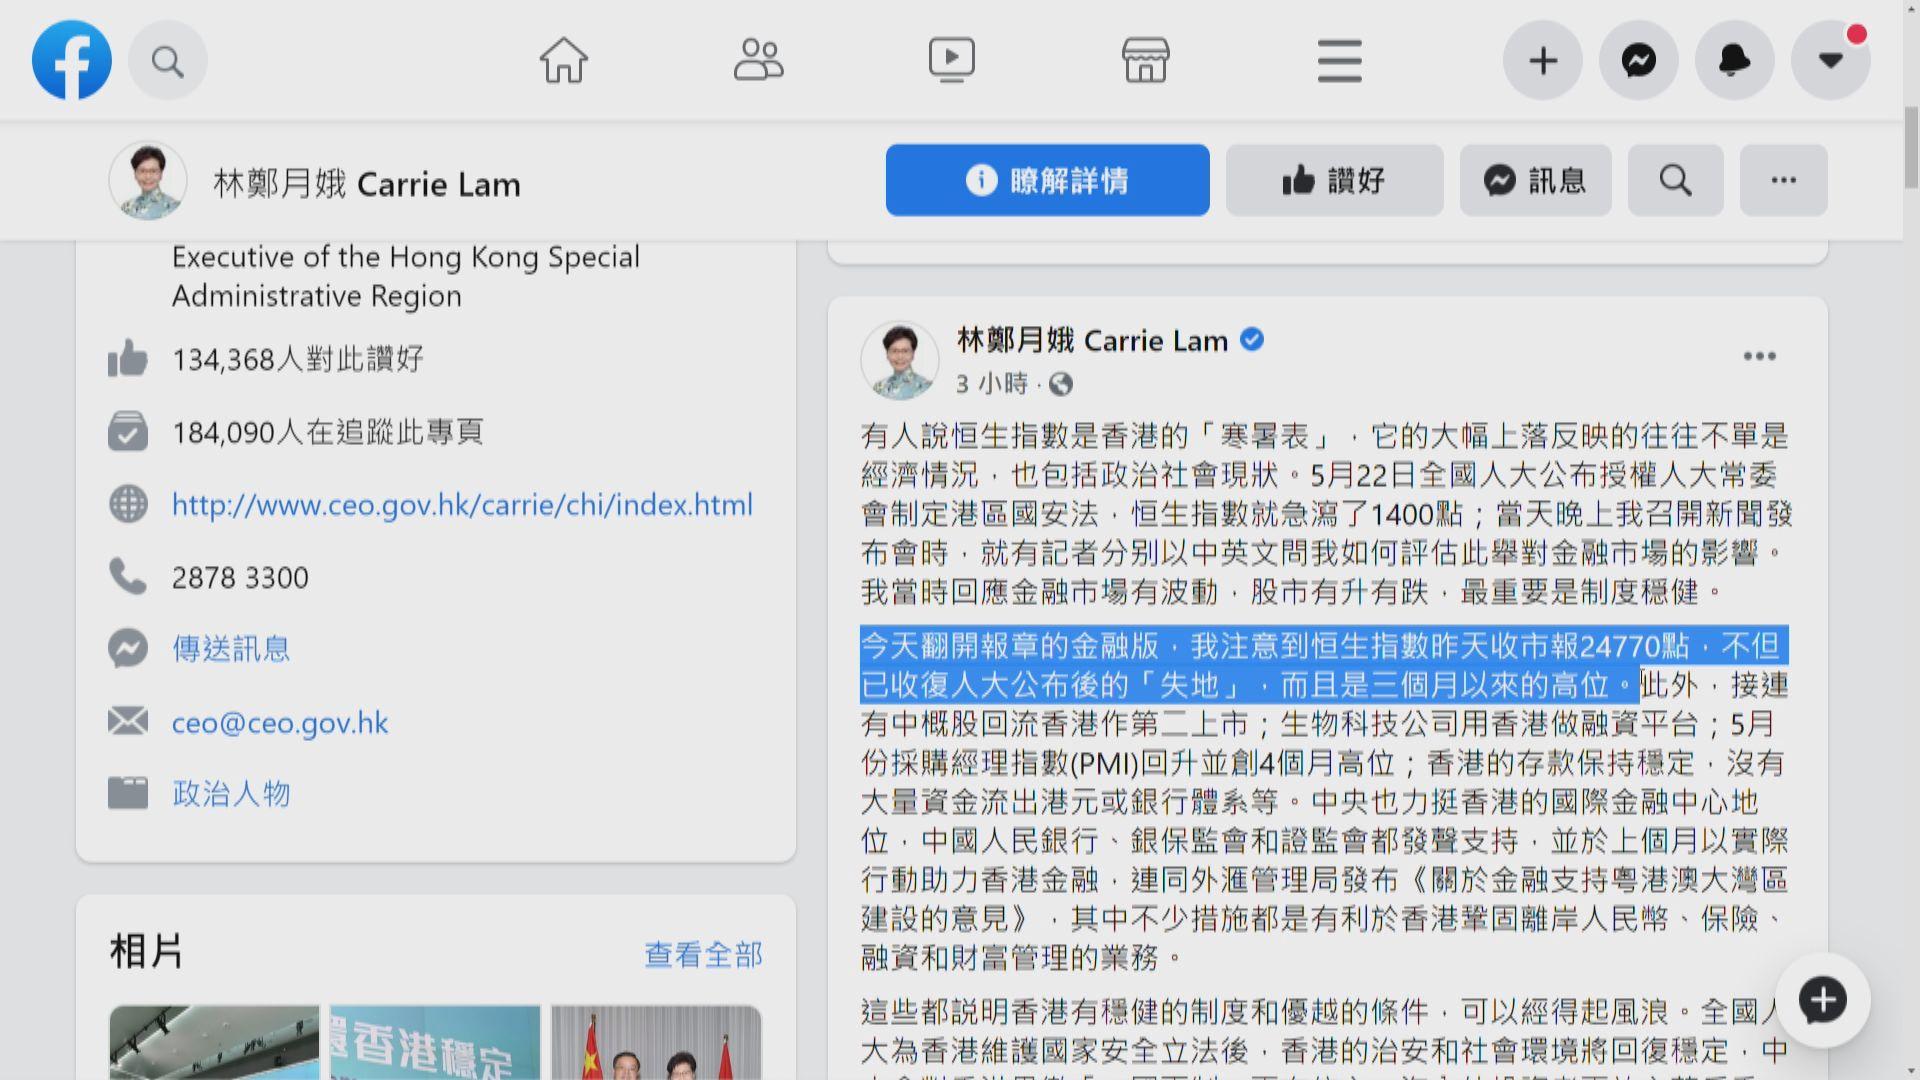 林鄭指恆指收復失地說明香港制度穩健